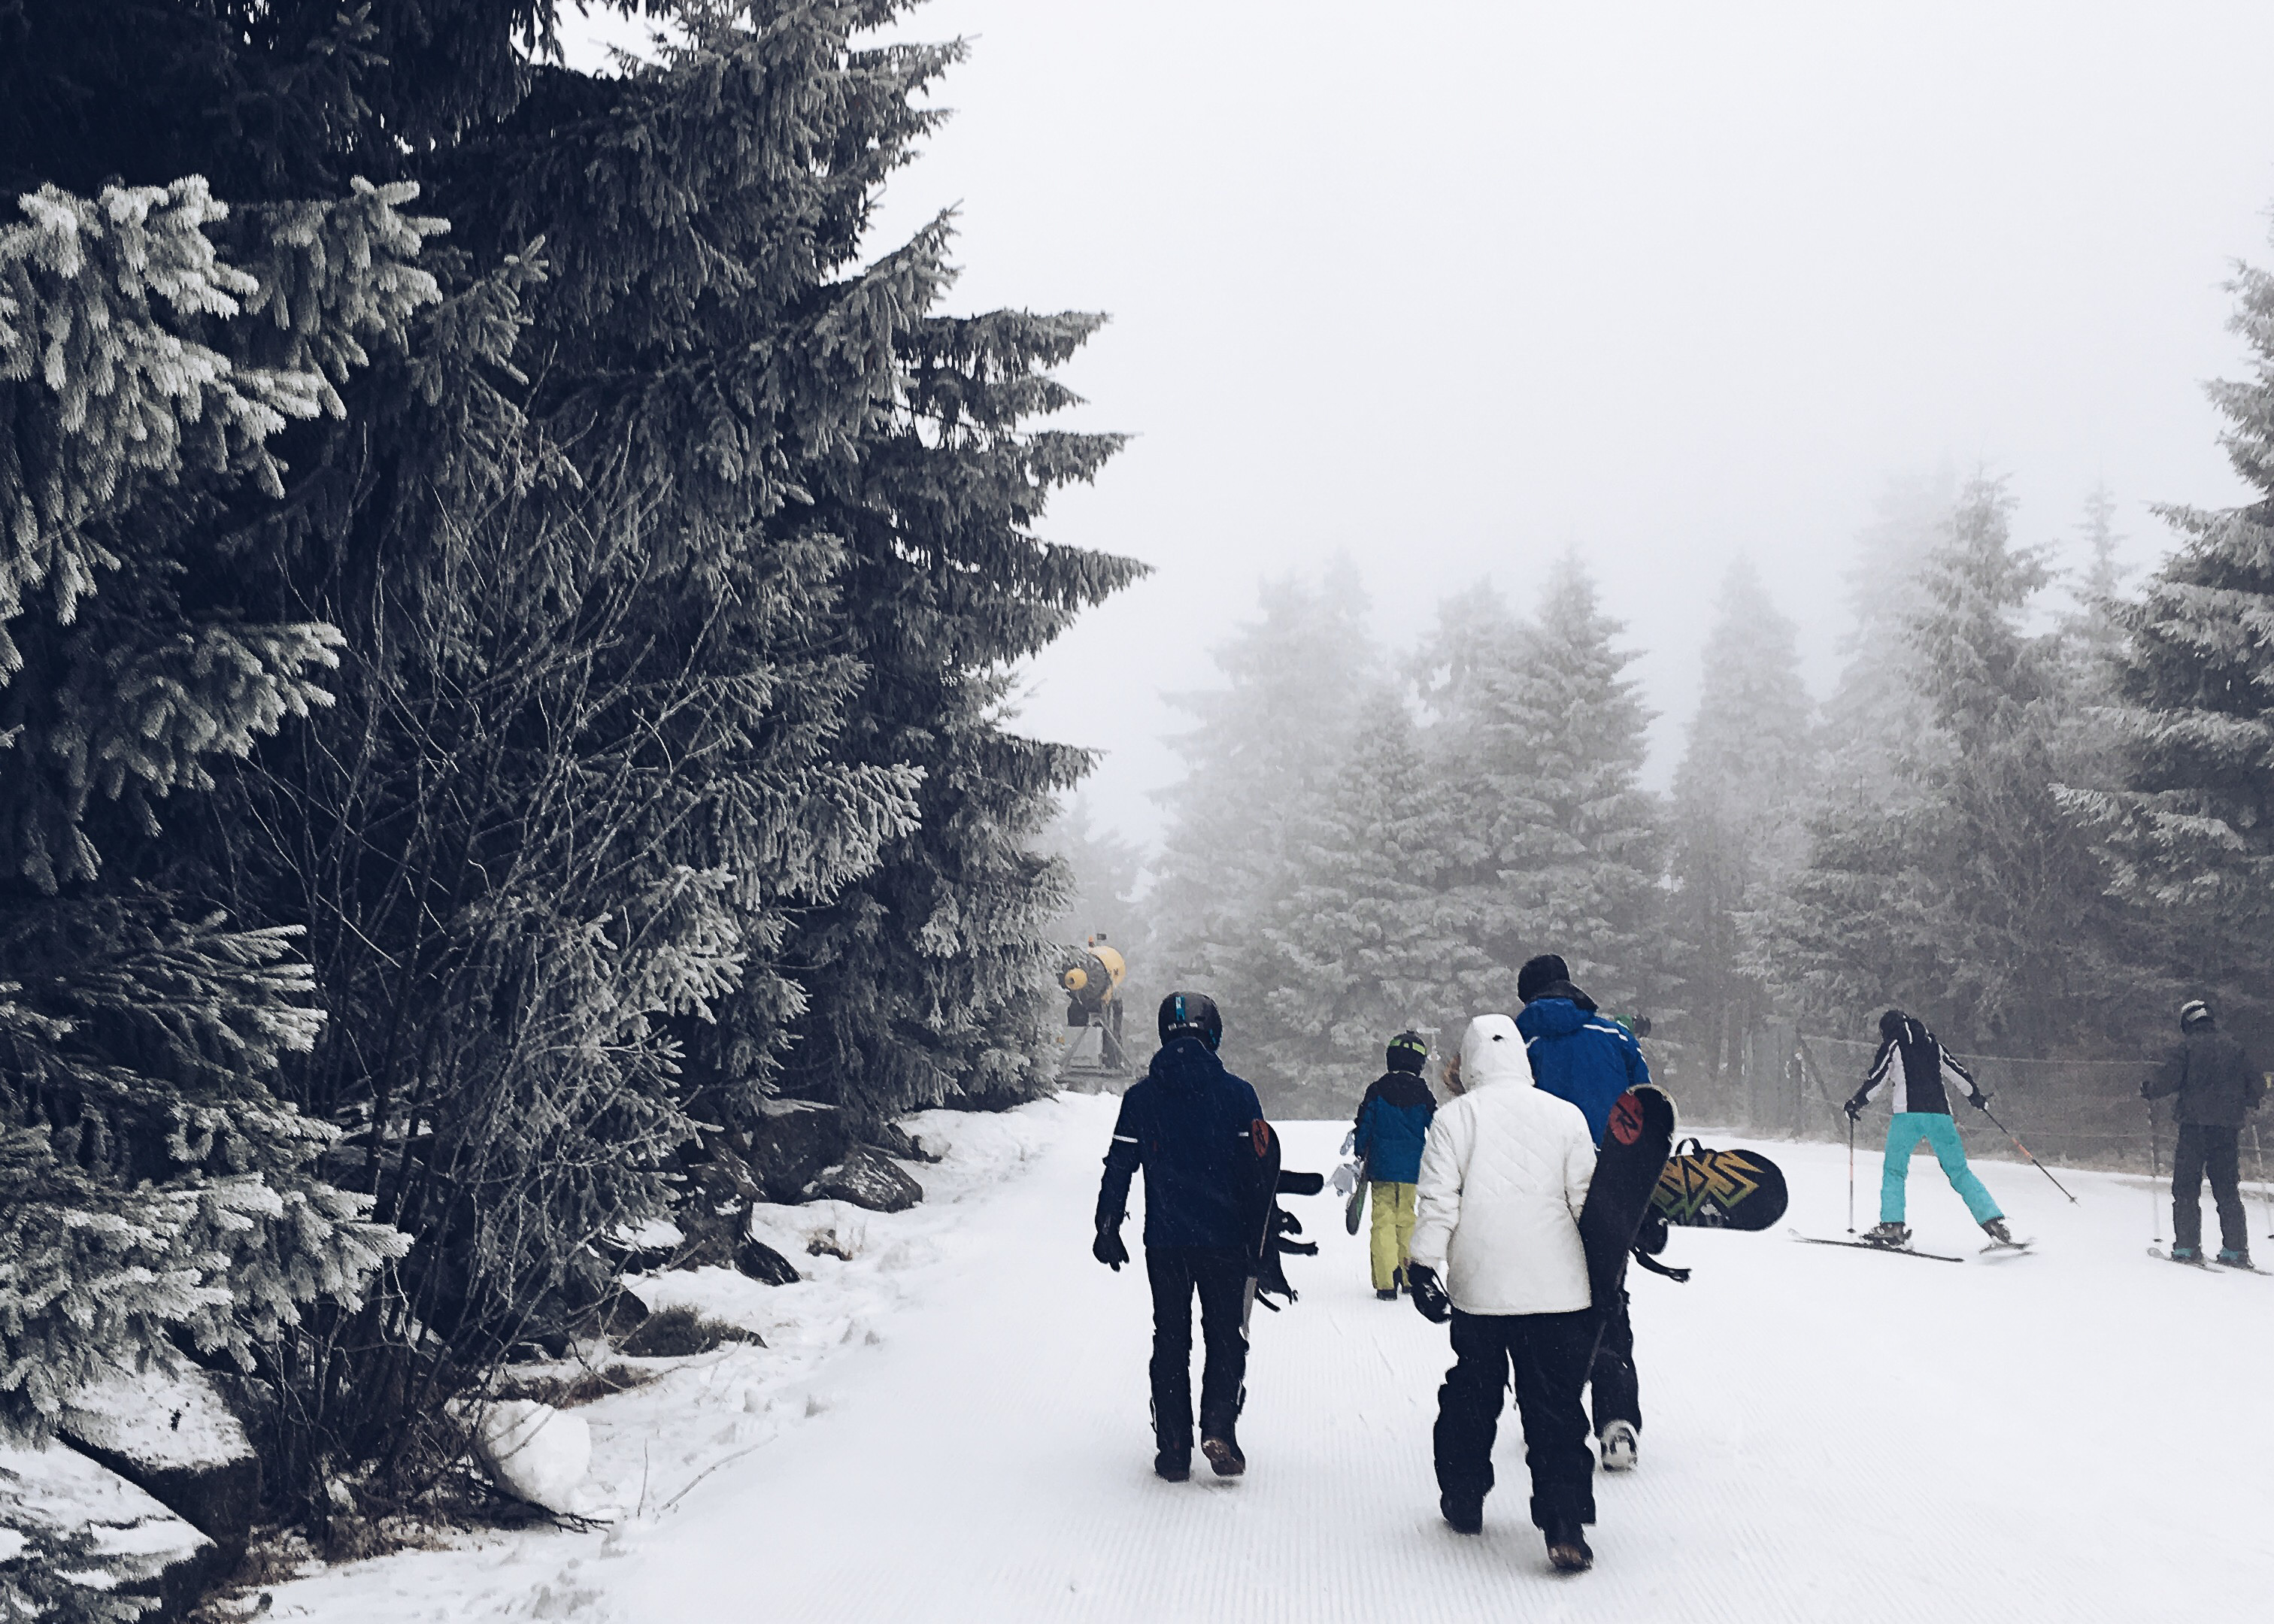 skiiers walking through fog